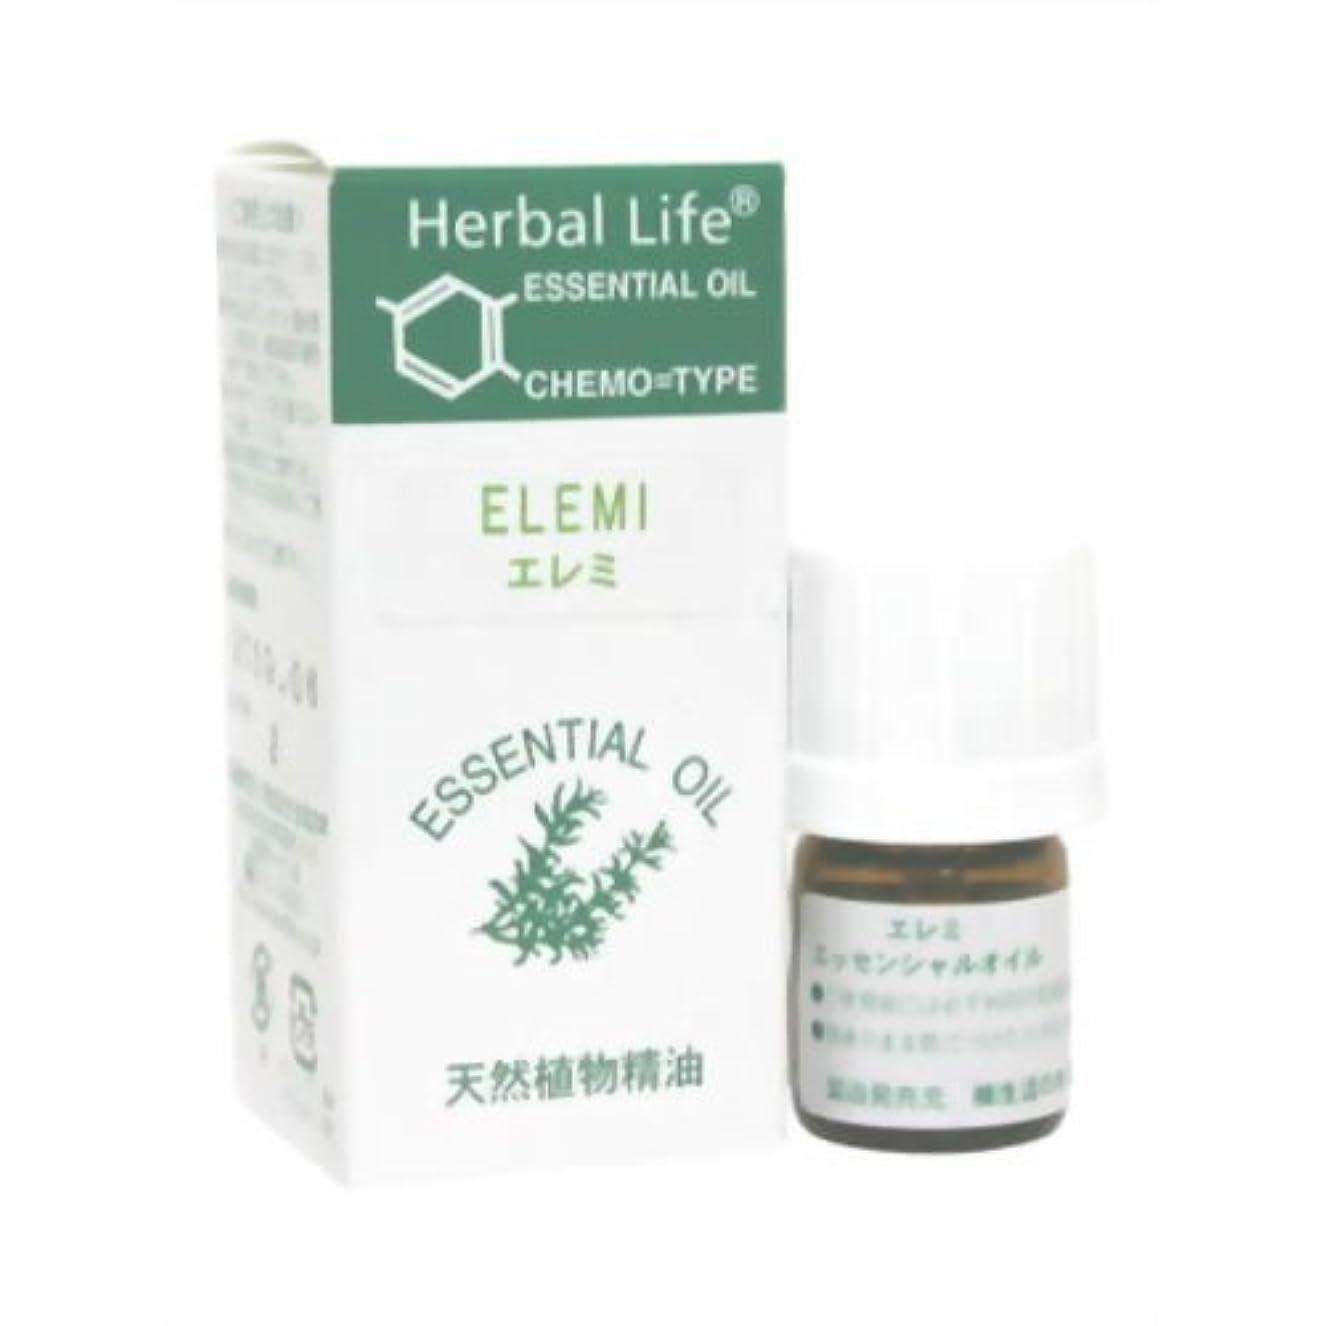 感染する反発バージン生活の木 Herbal Life エレミ 3ml